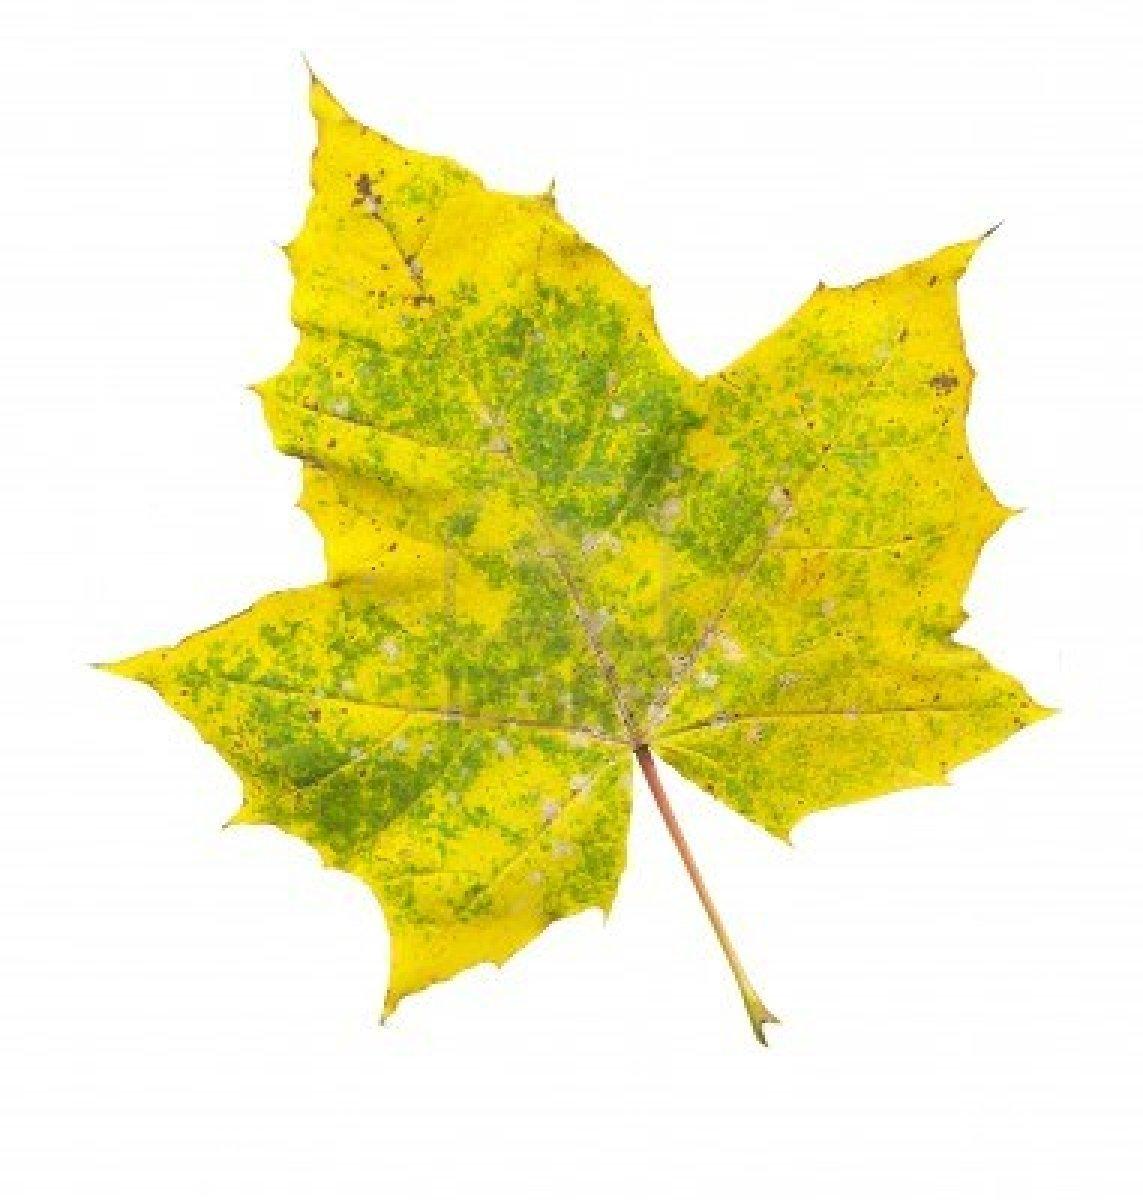 M todos de la ciencia enero 2013 - Color verde hoja ...